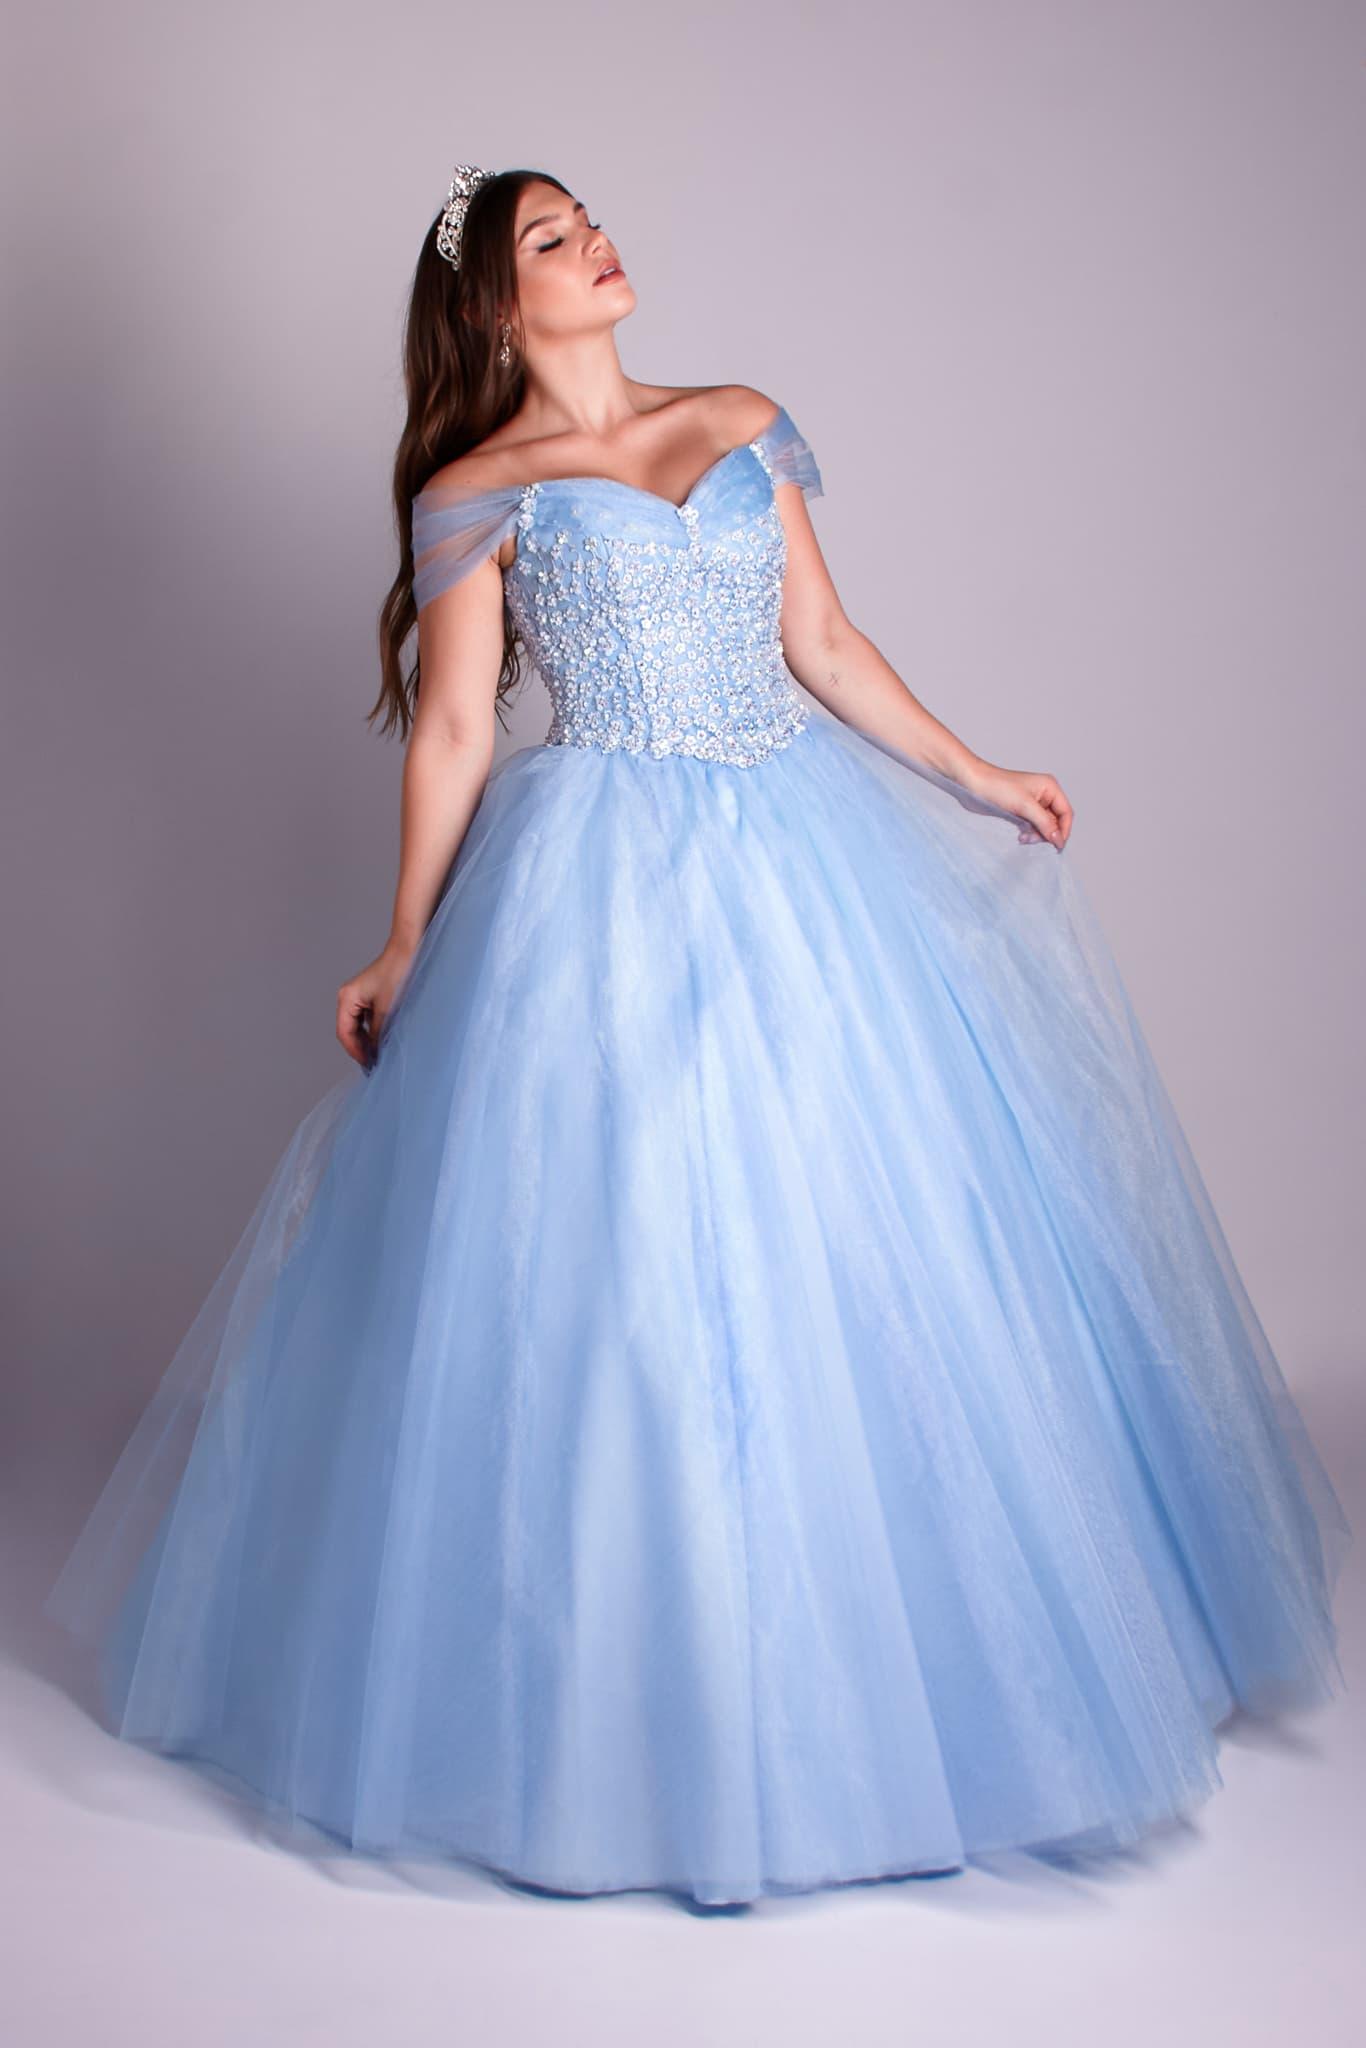 111 -  Vestido azul serenity de renda floral com saia de tule